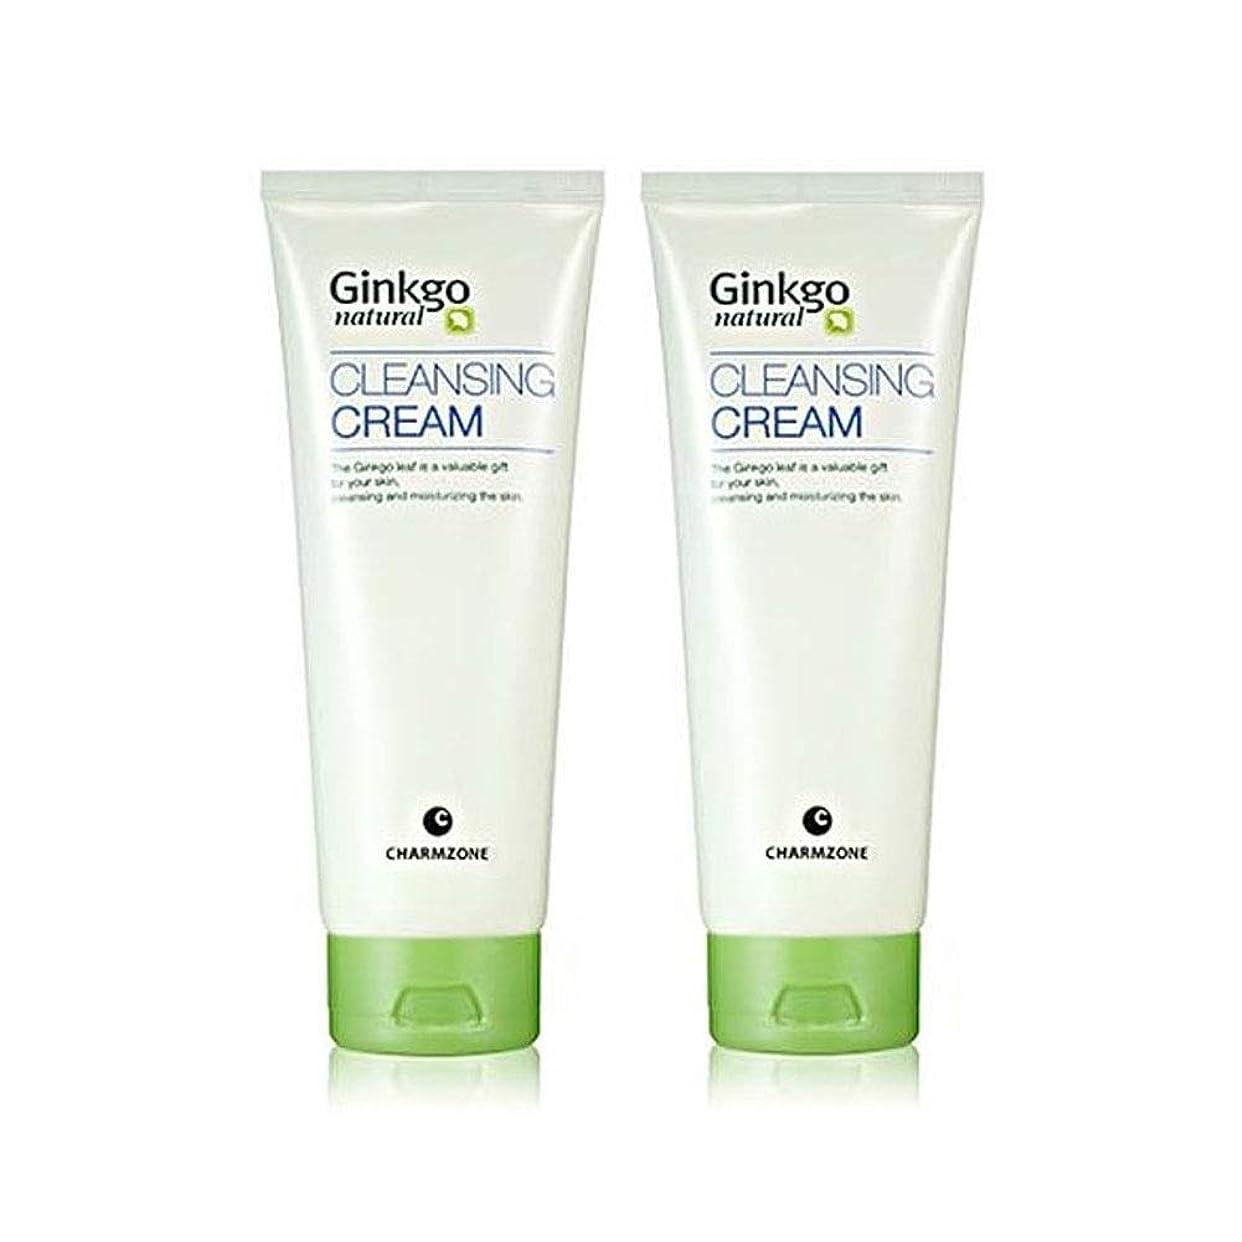 農場エミュレーションケーブルカーチャムジョンジンコナチュラルクレンジングクリーム200g x 2本セットメーキャップクレンジング、Charmzone Ginkgo Natural Cleansing Cream 200g x 2ea Set [並行輸入品]